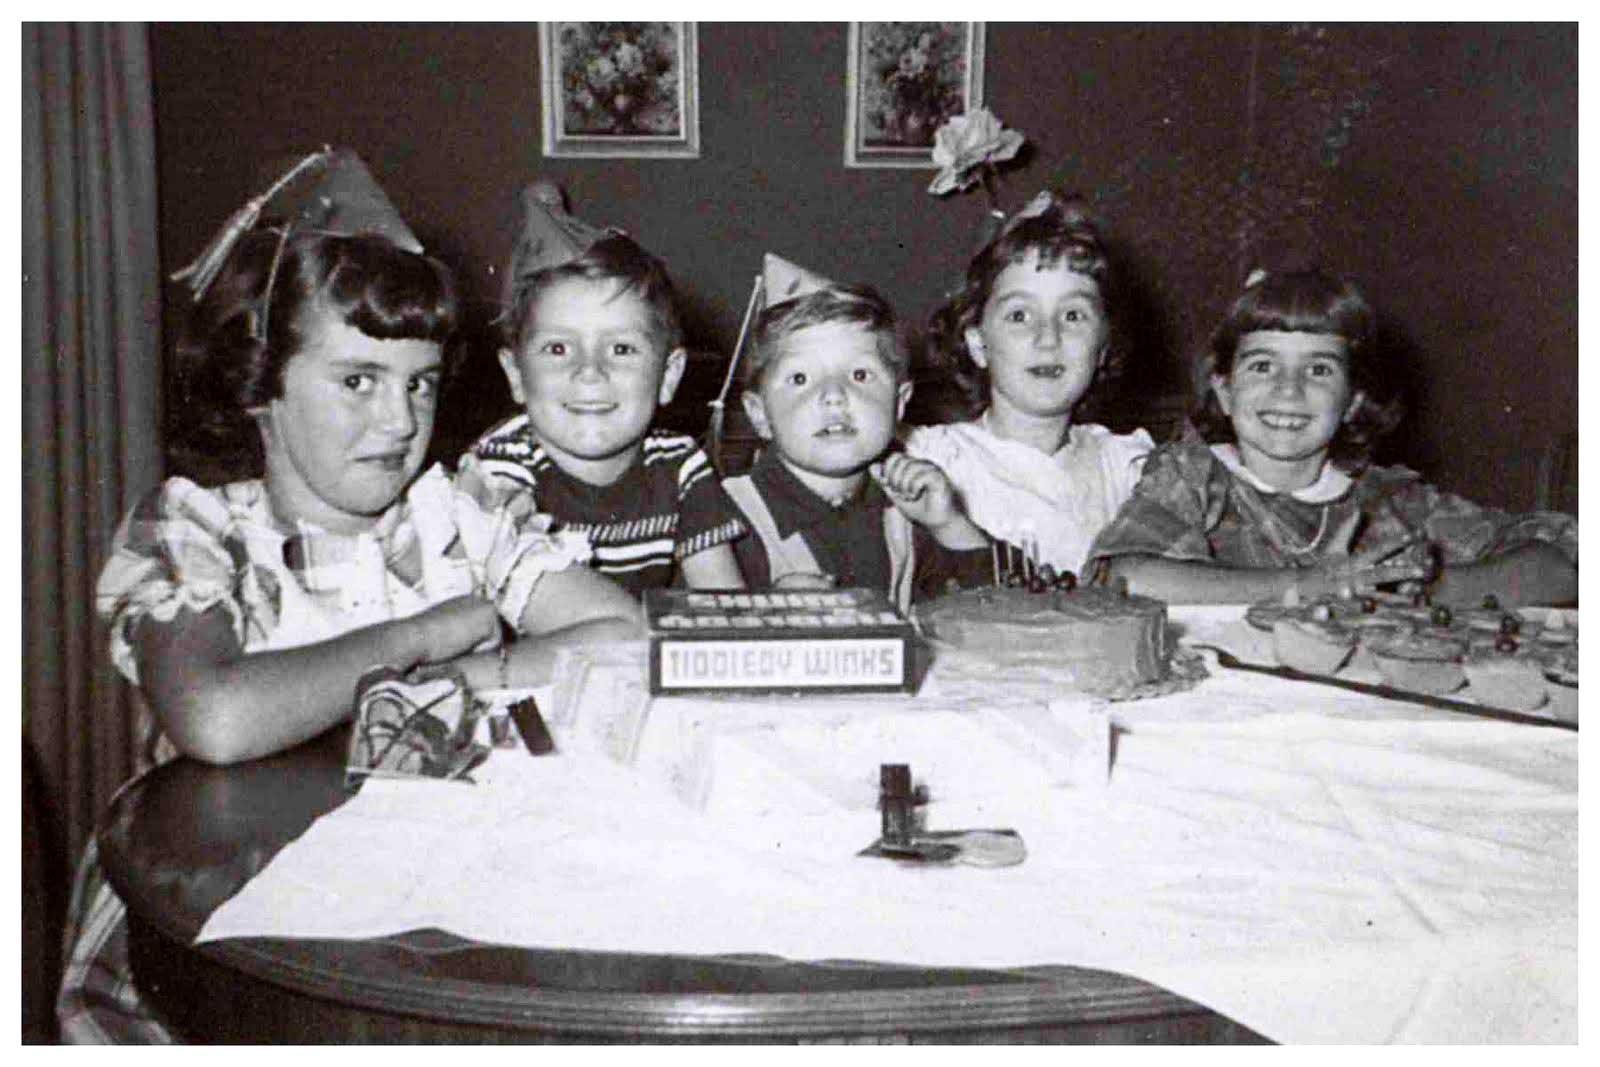 1950s-Birthday-Party